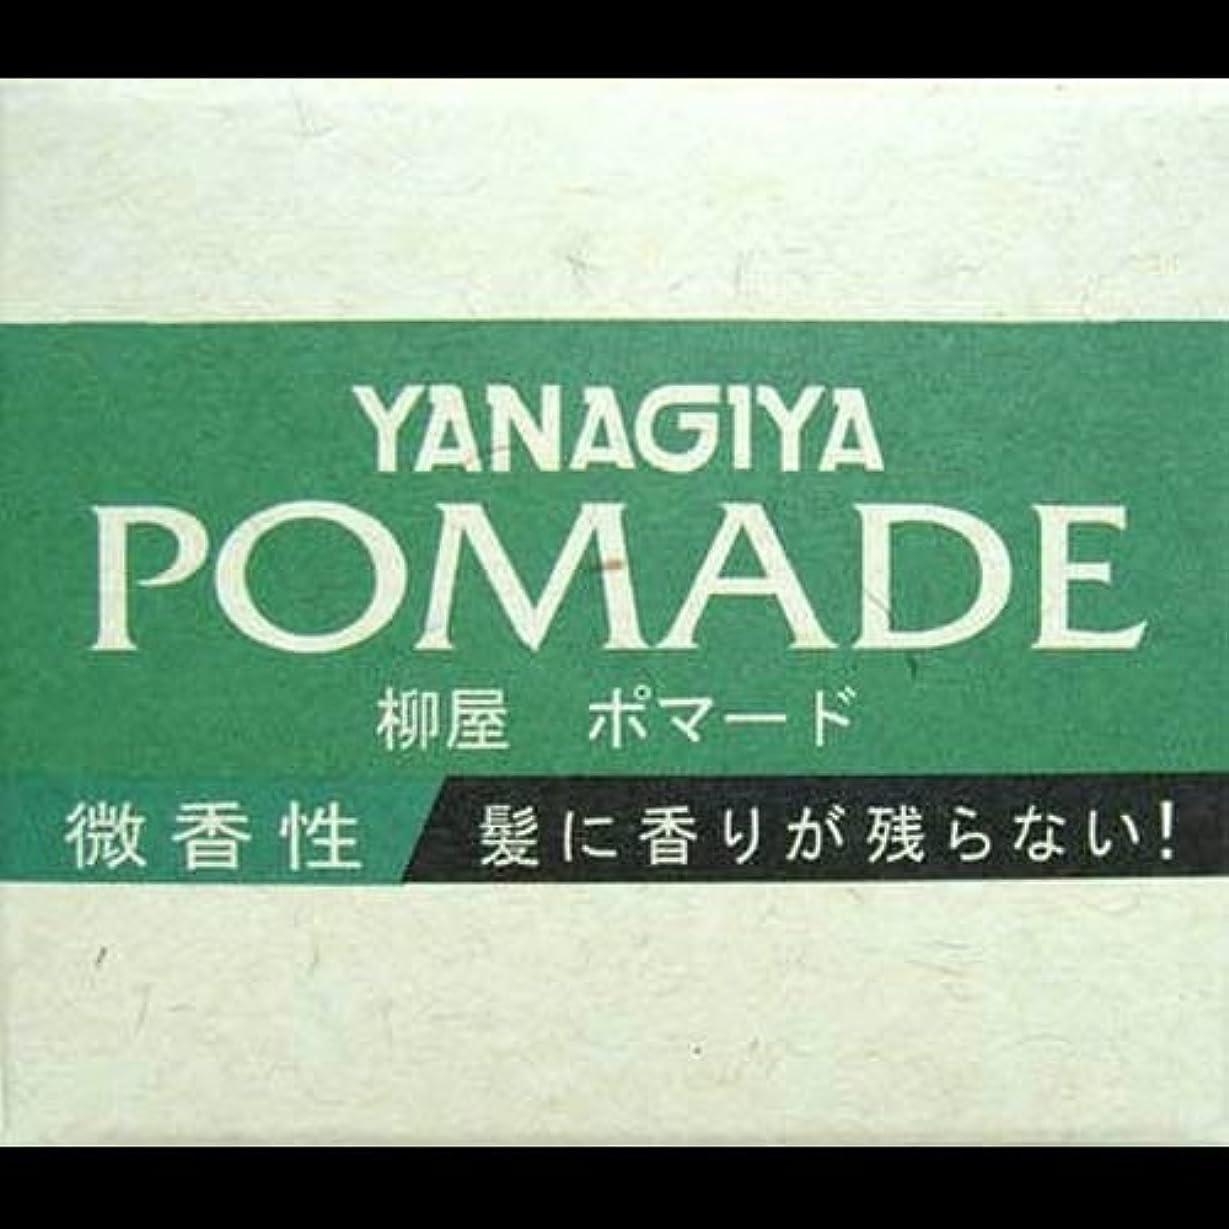 バタフライ全部ごめんなさい【まとめ買い】柳屋 ポマード微香性120g ×2セット